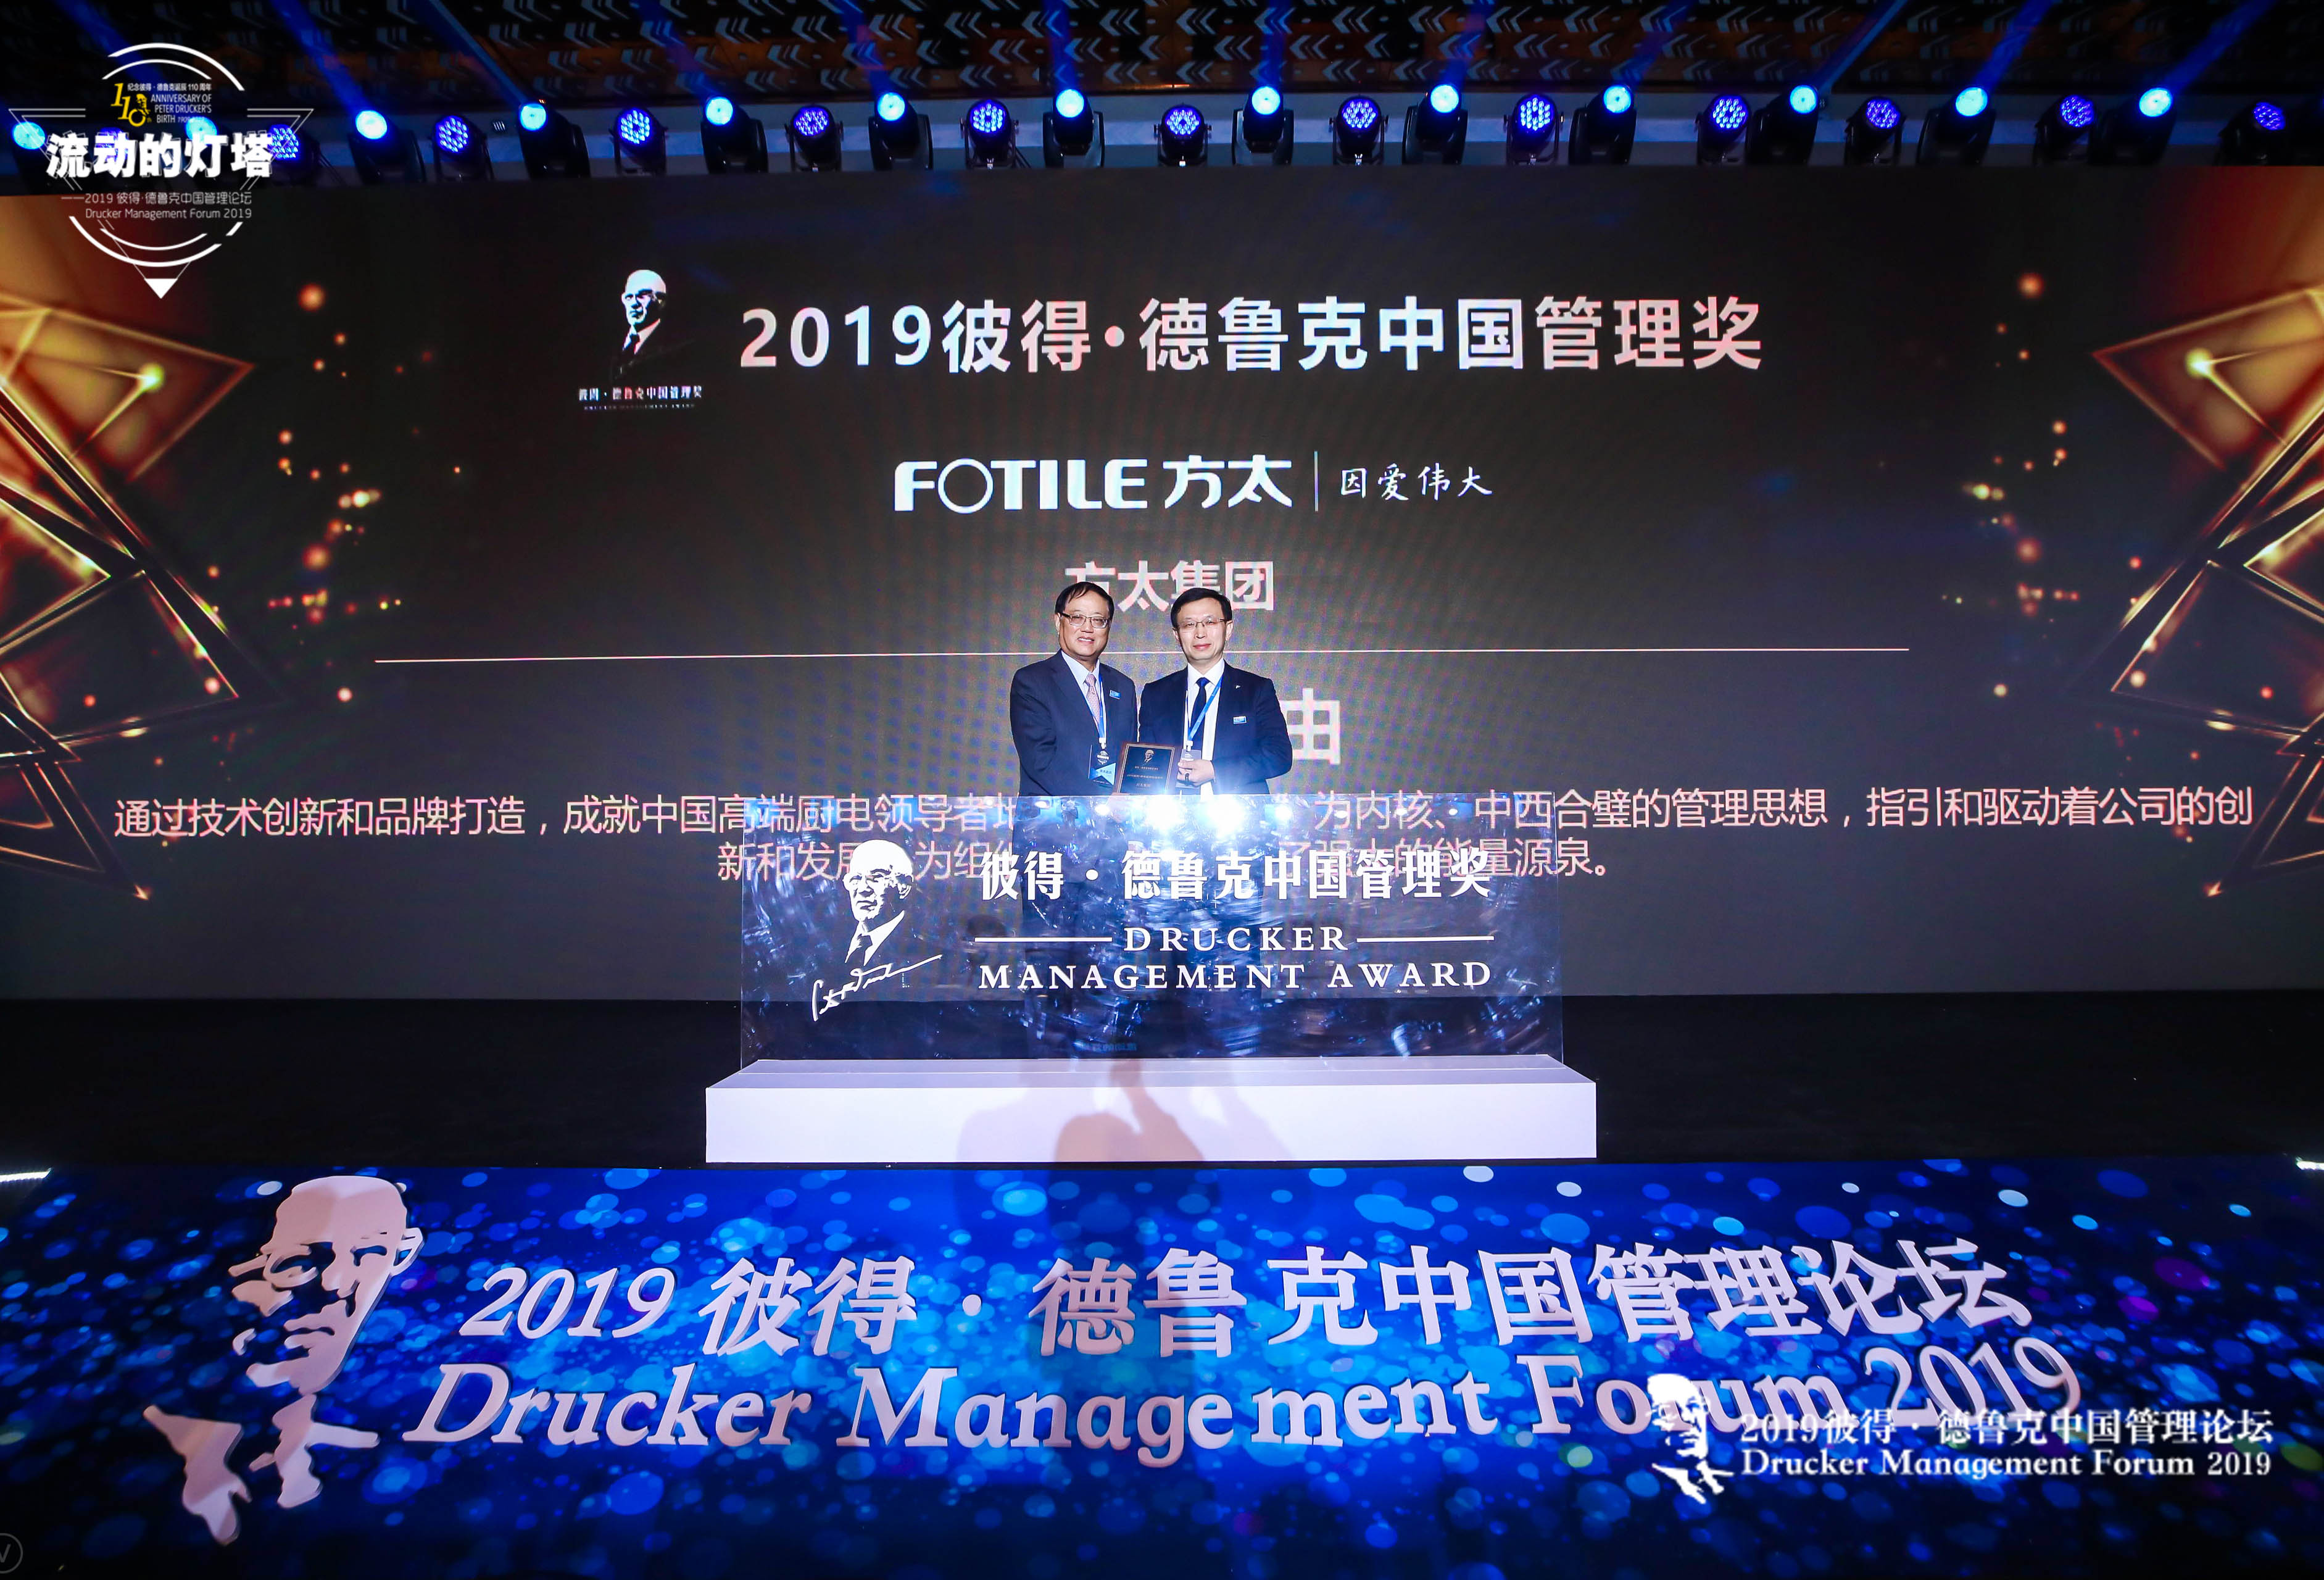 方太集团获得首届德鲁克中国管理奖